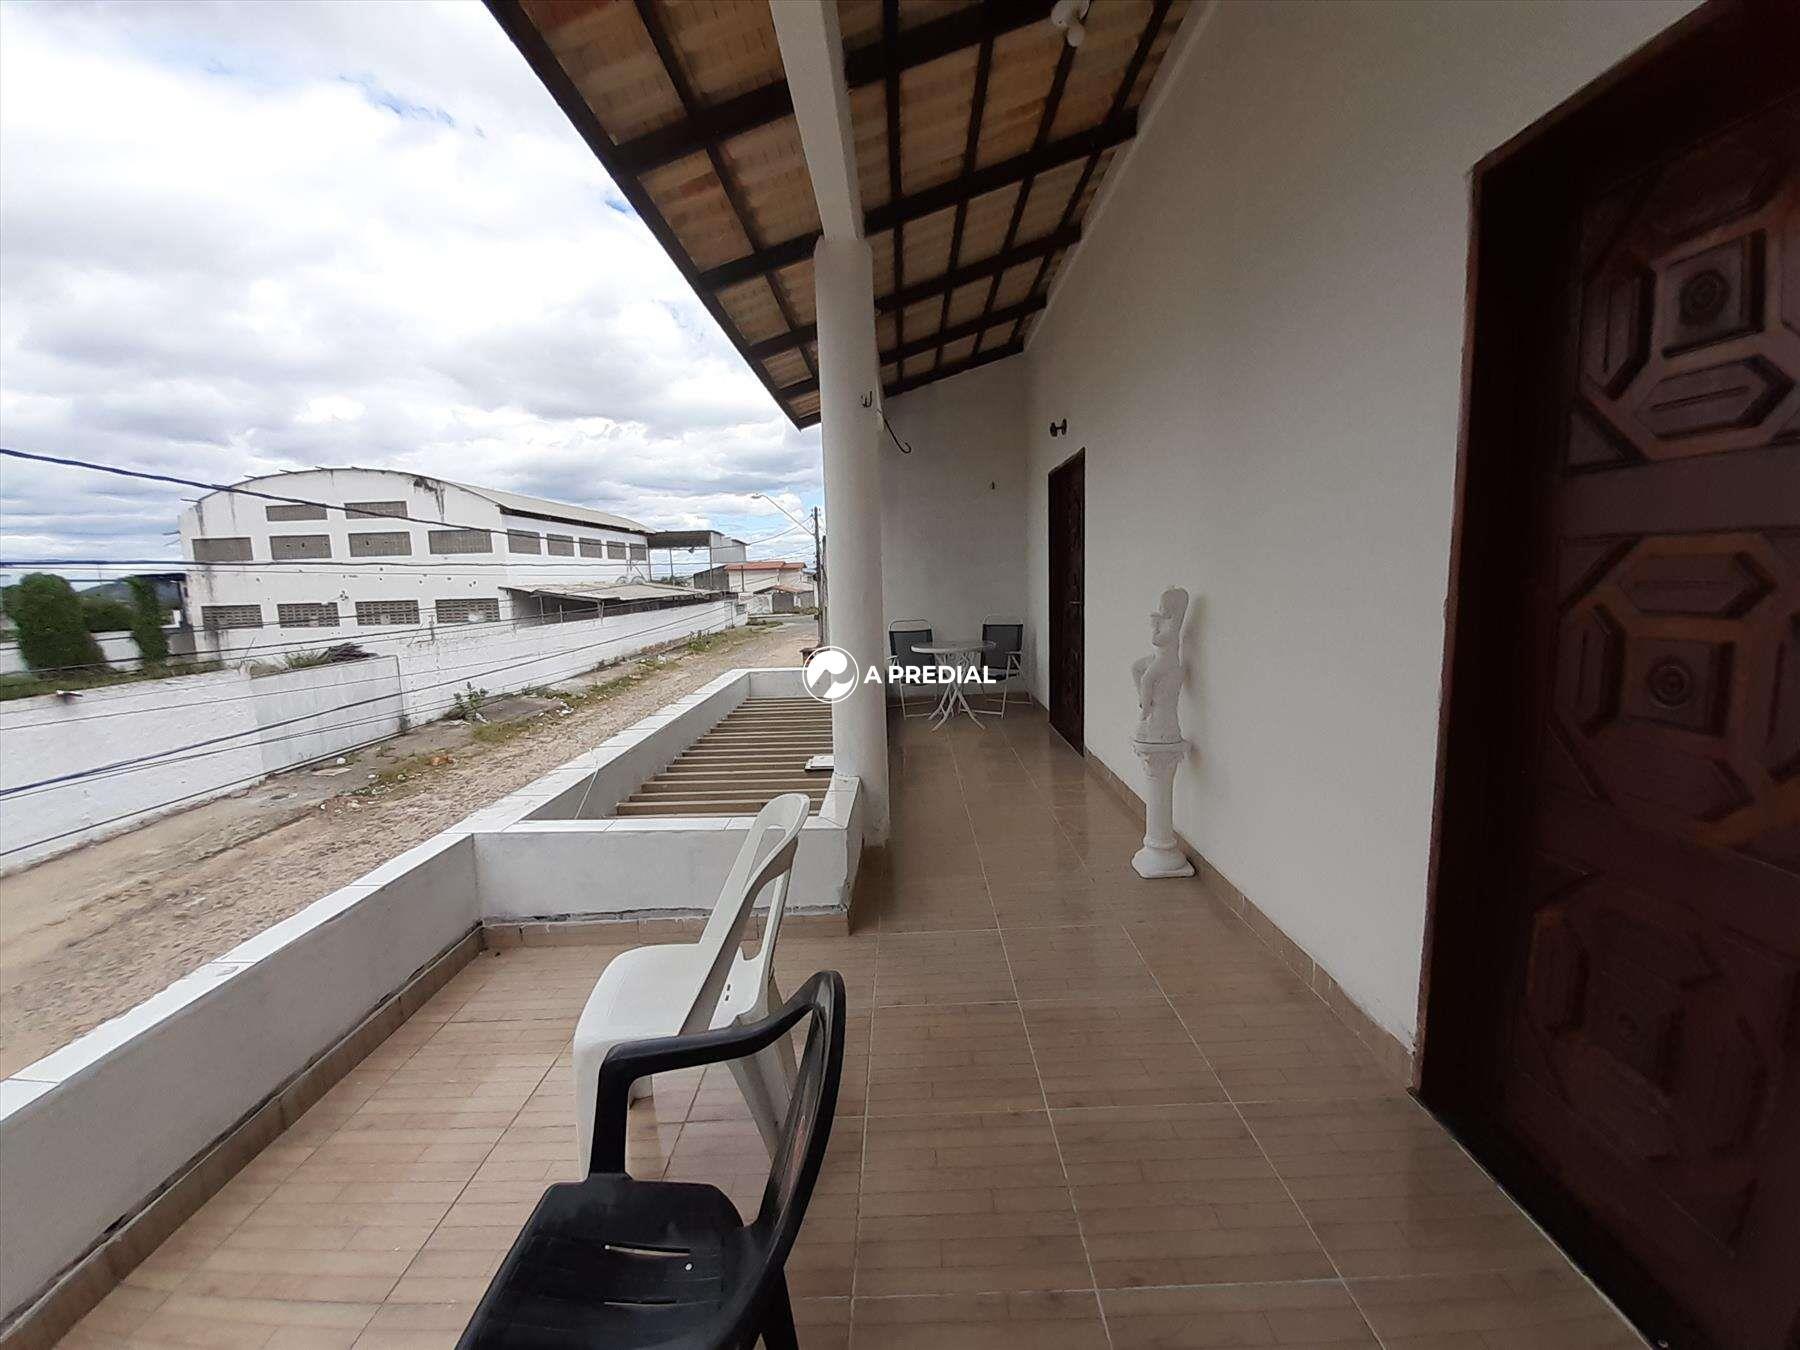 Casa à venda no Prefeito José Walter: 4783702e-7-20200718_121557.jpg